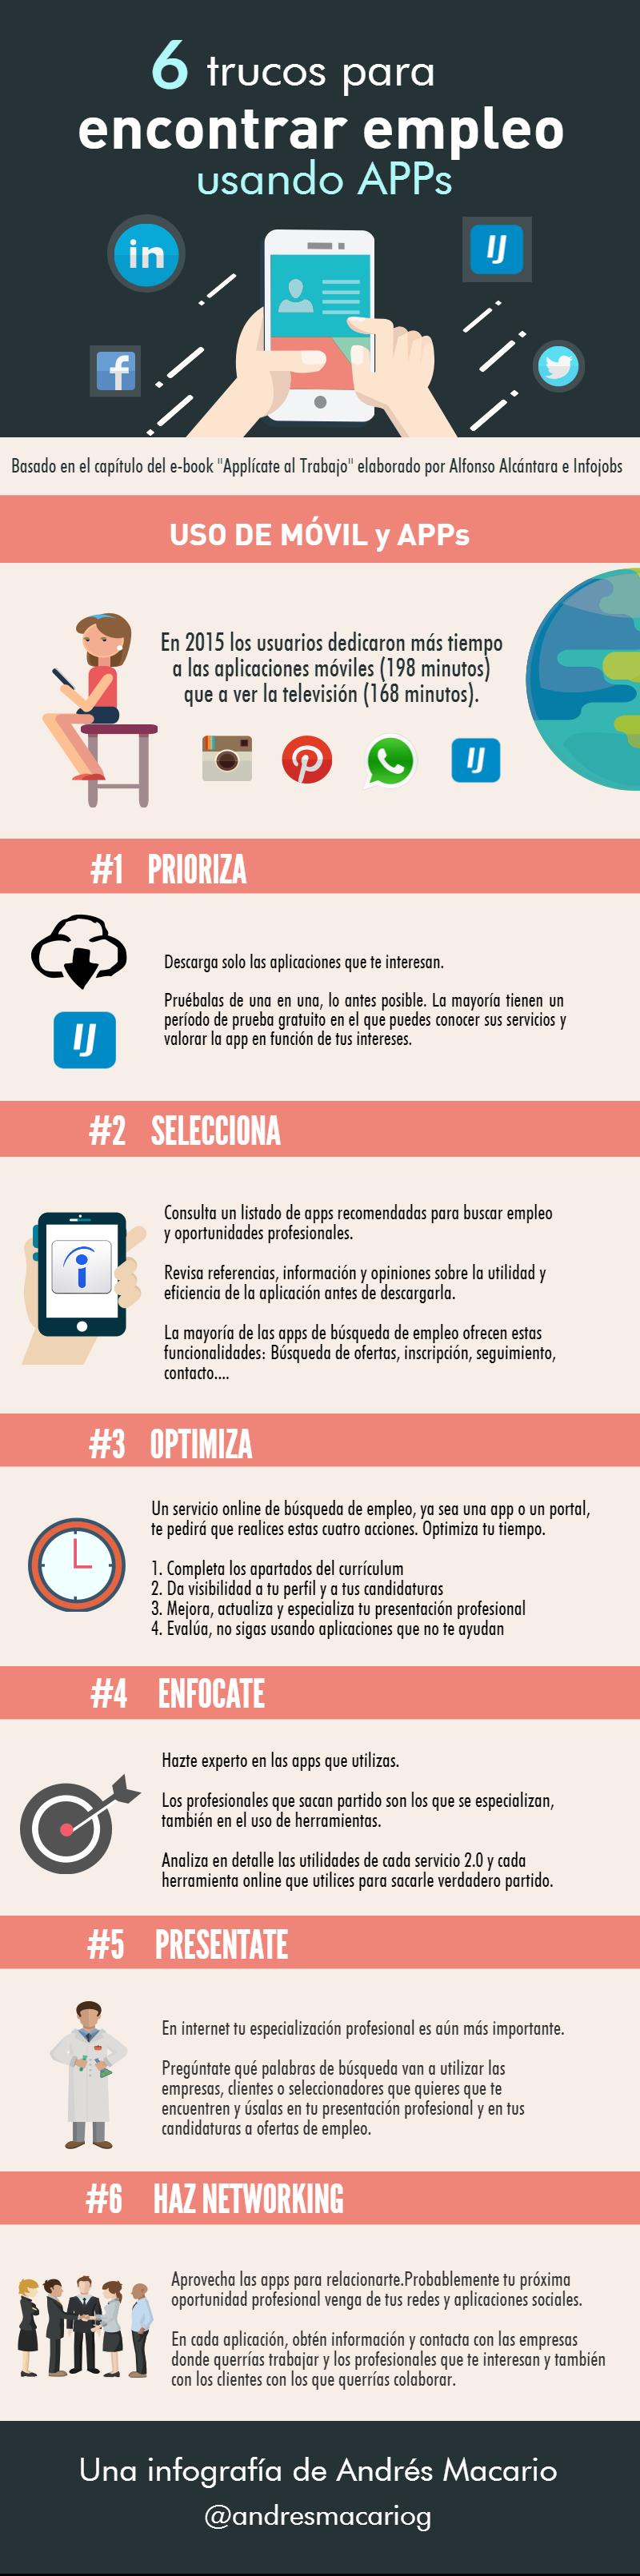 6 trucos para encontrar empleo usando apps -infografia Andres Macario